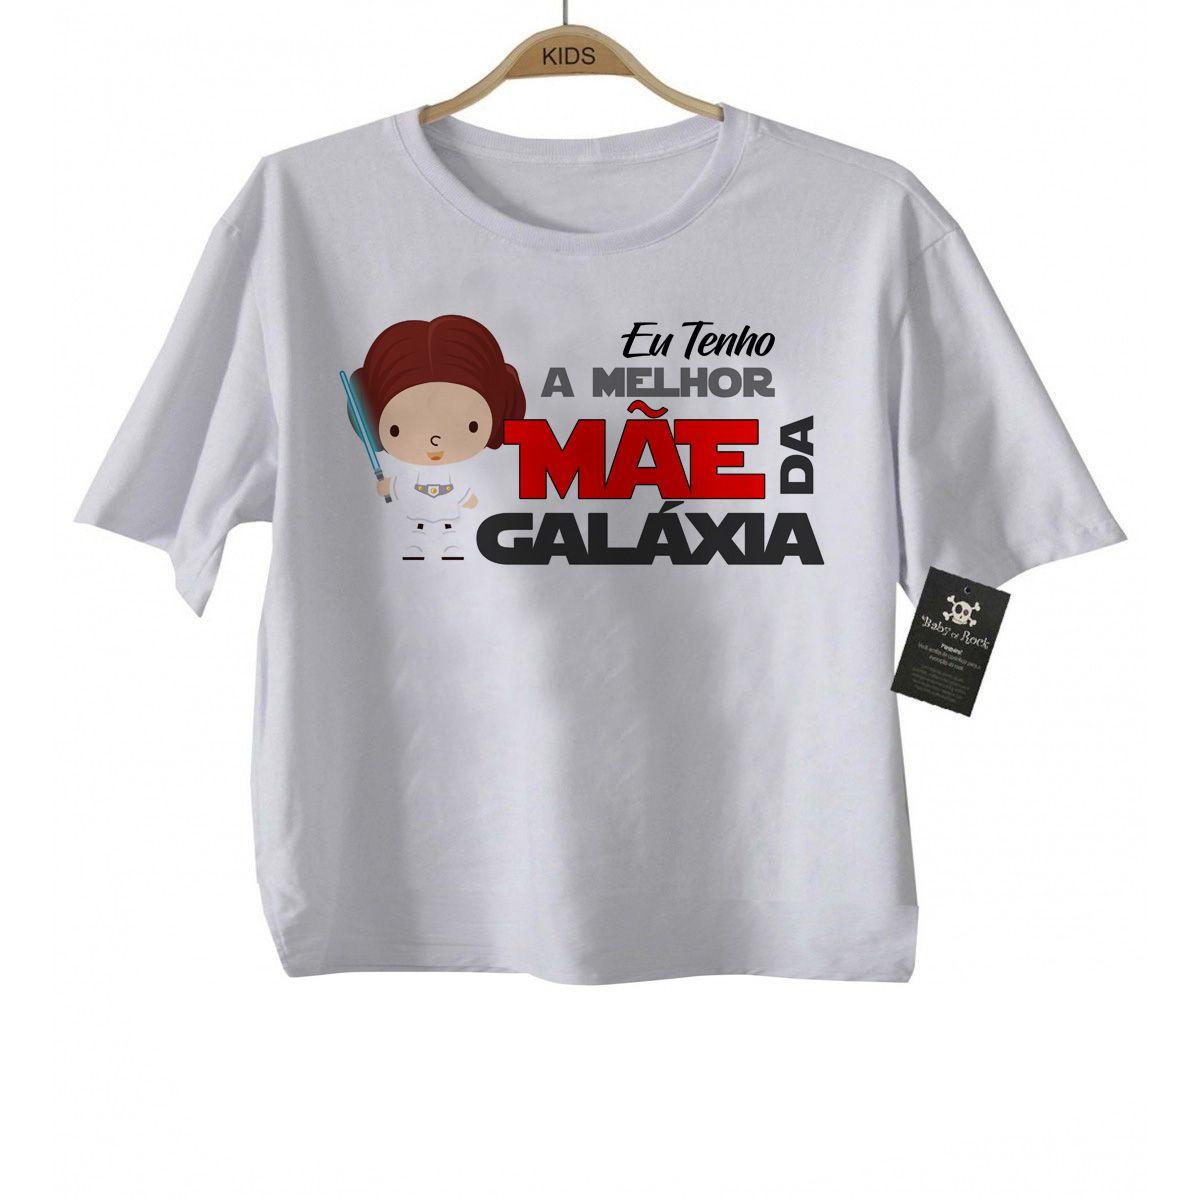 Camiseta  Infantil - Eu tenho A MELHOR MÃE da Galáxia - White   - Baby Monster S/A